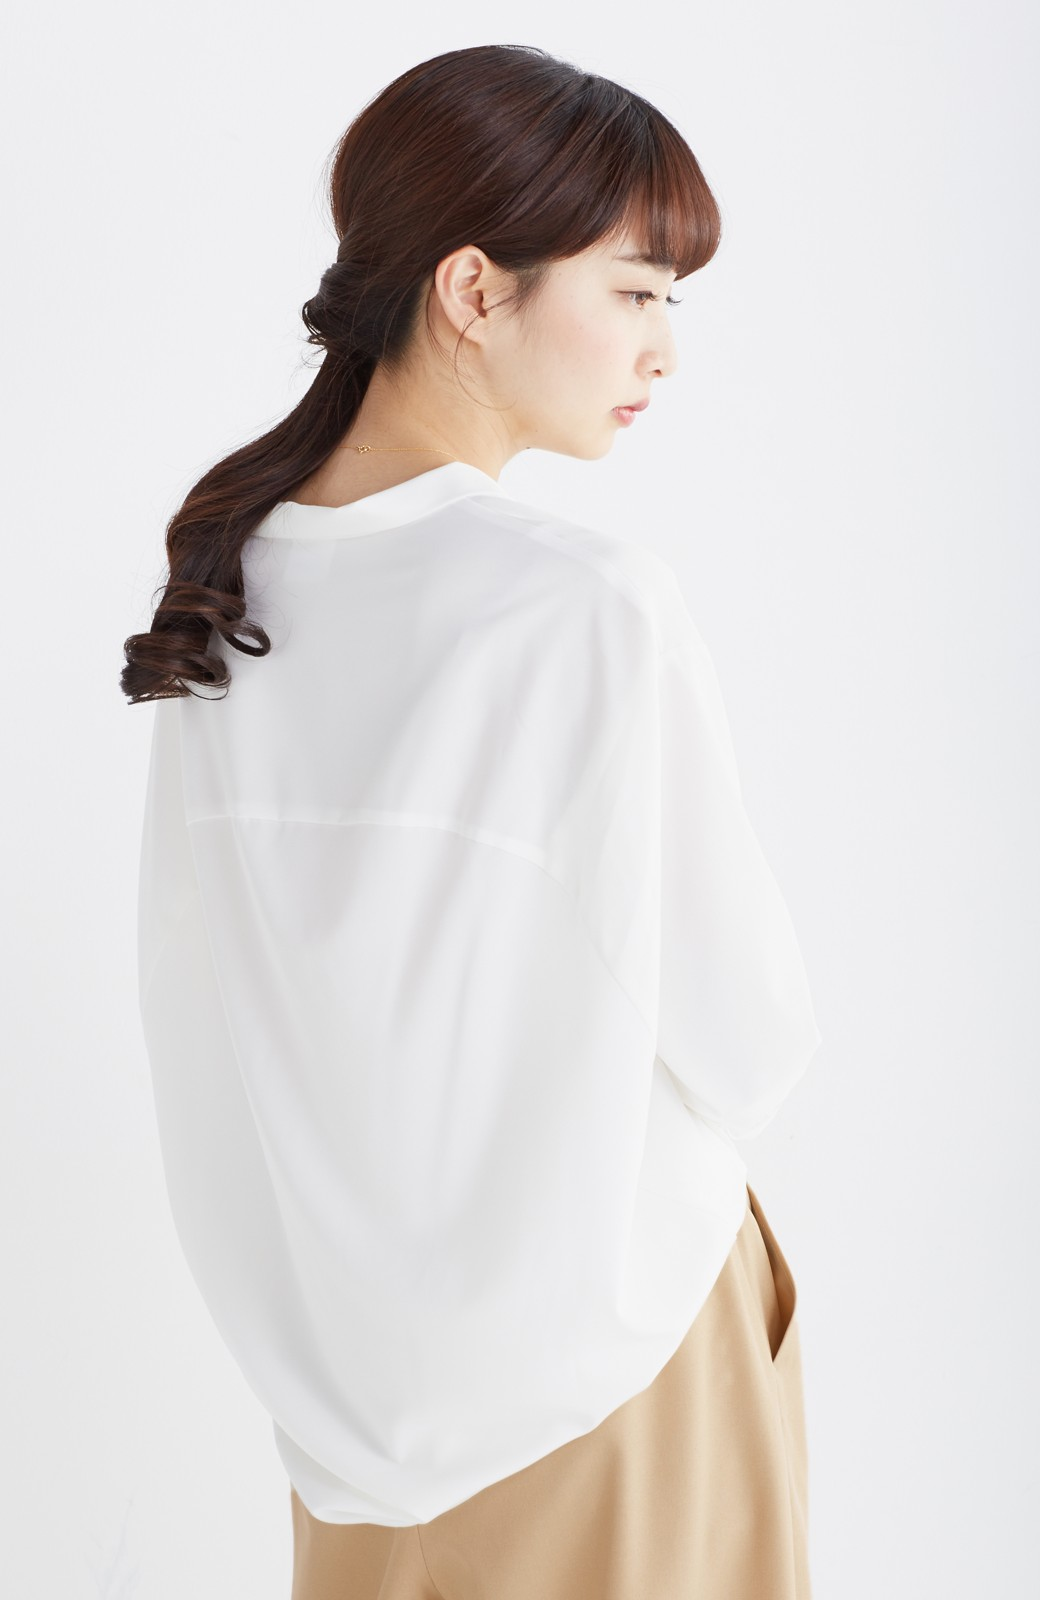 エムトロワ 女らしくてかっこいい スキッパー&抜き衿のとろみシャツ <ホワイト>の商品写真13